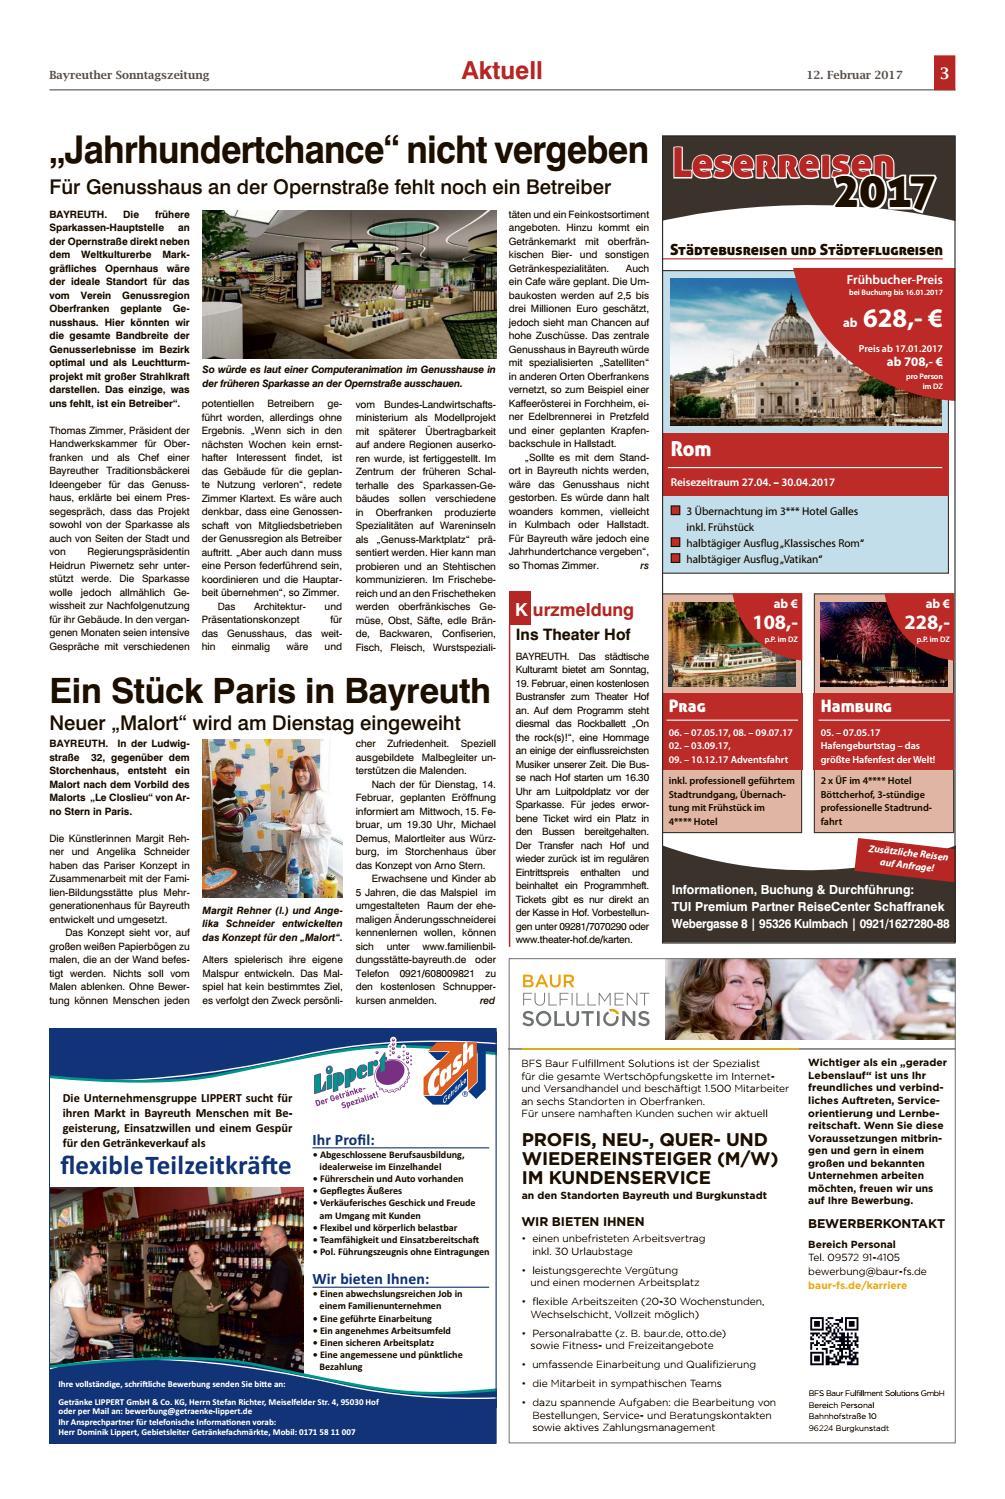 Bayreuther sonntagszeitung vom 12 02 2017 by Bayreuther ...